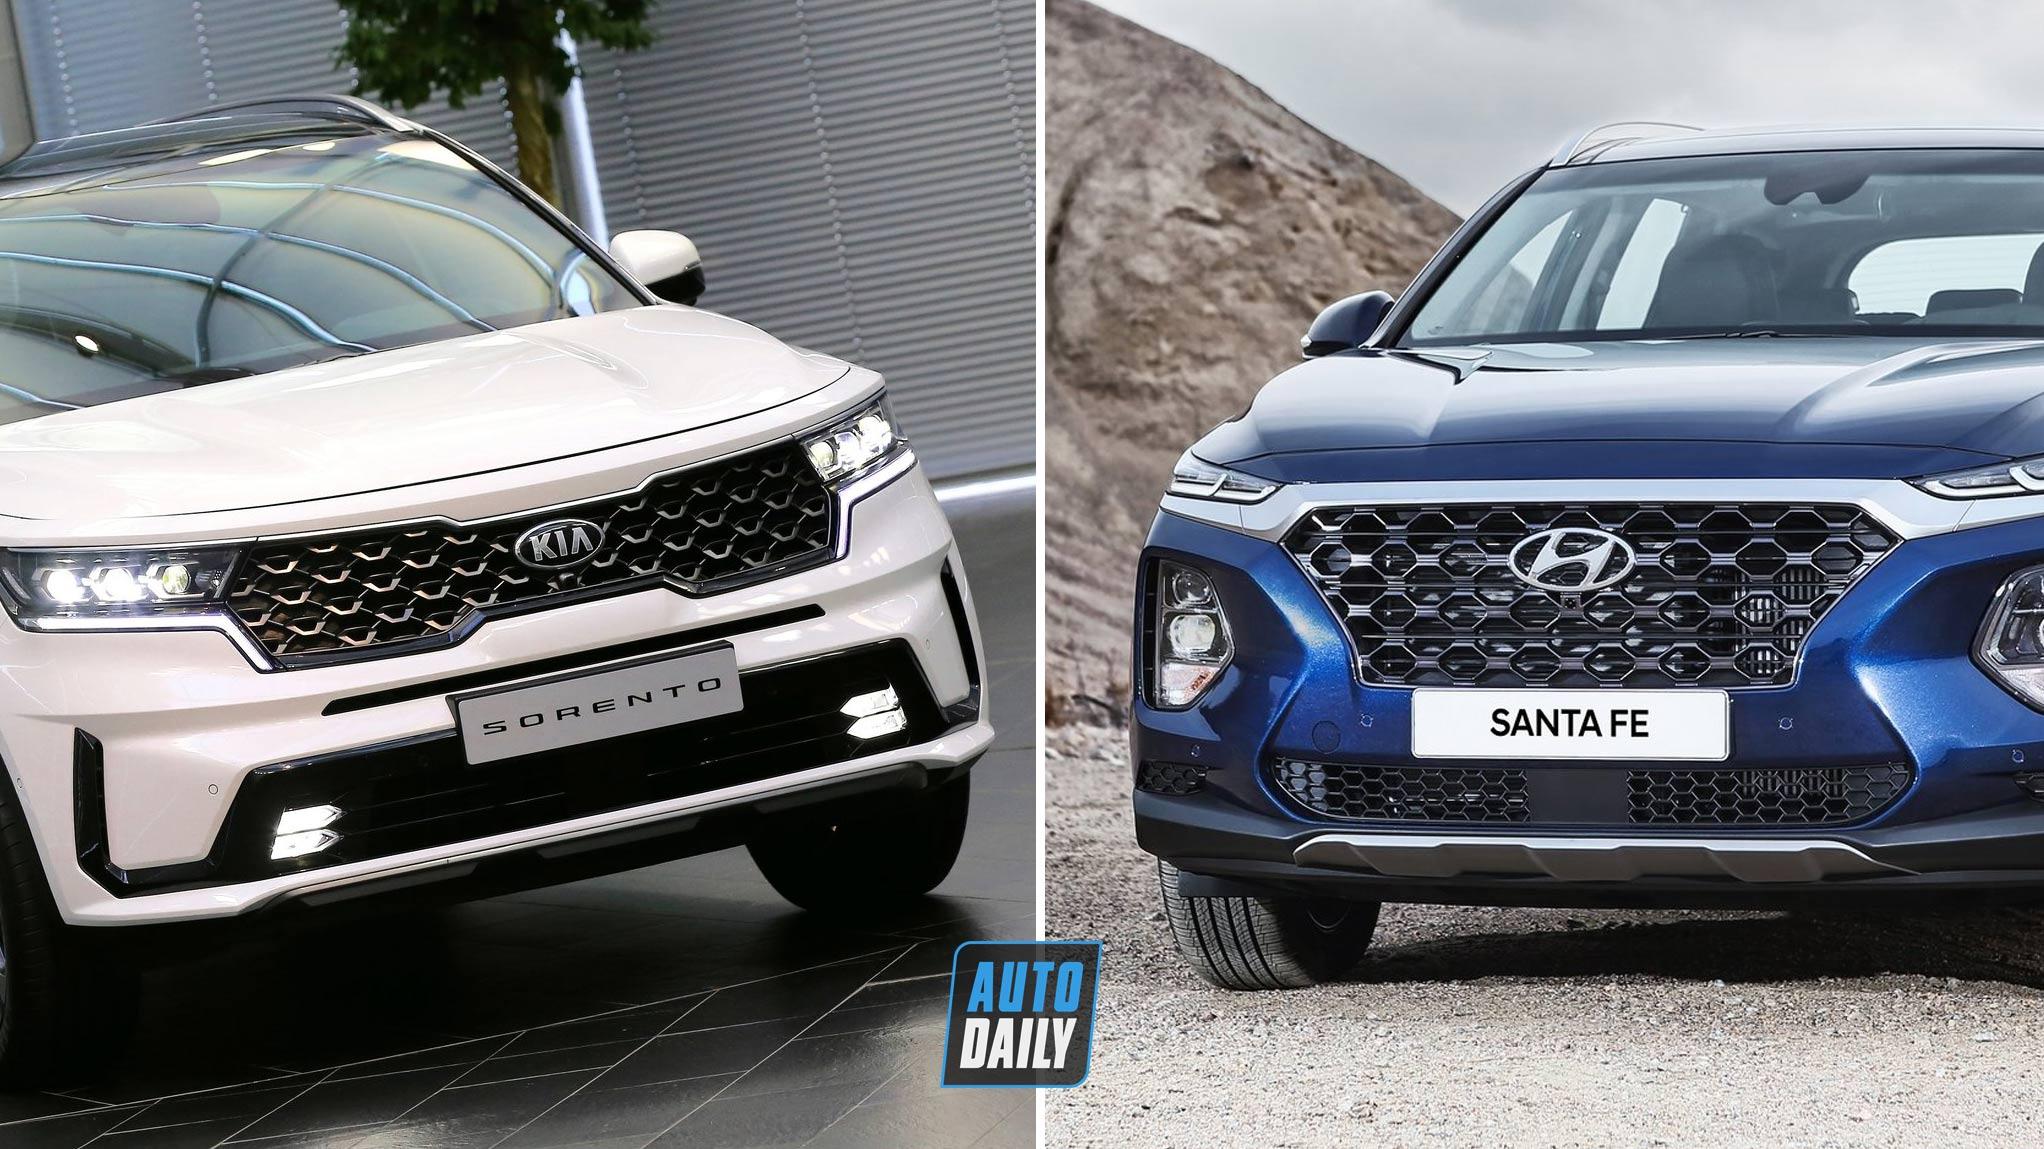 So sánh Kia Sorento 2021 và Hyundai SantaFe 2019 – Nên chọn SUV 7 chỗ nào?